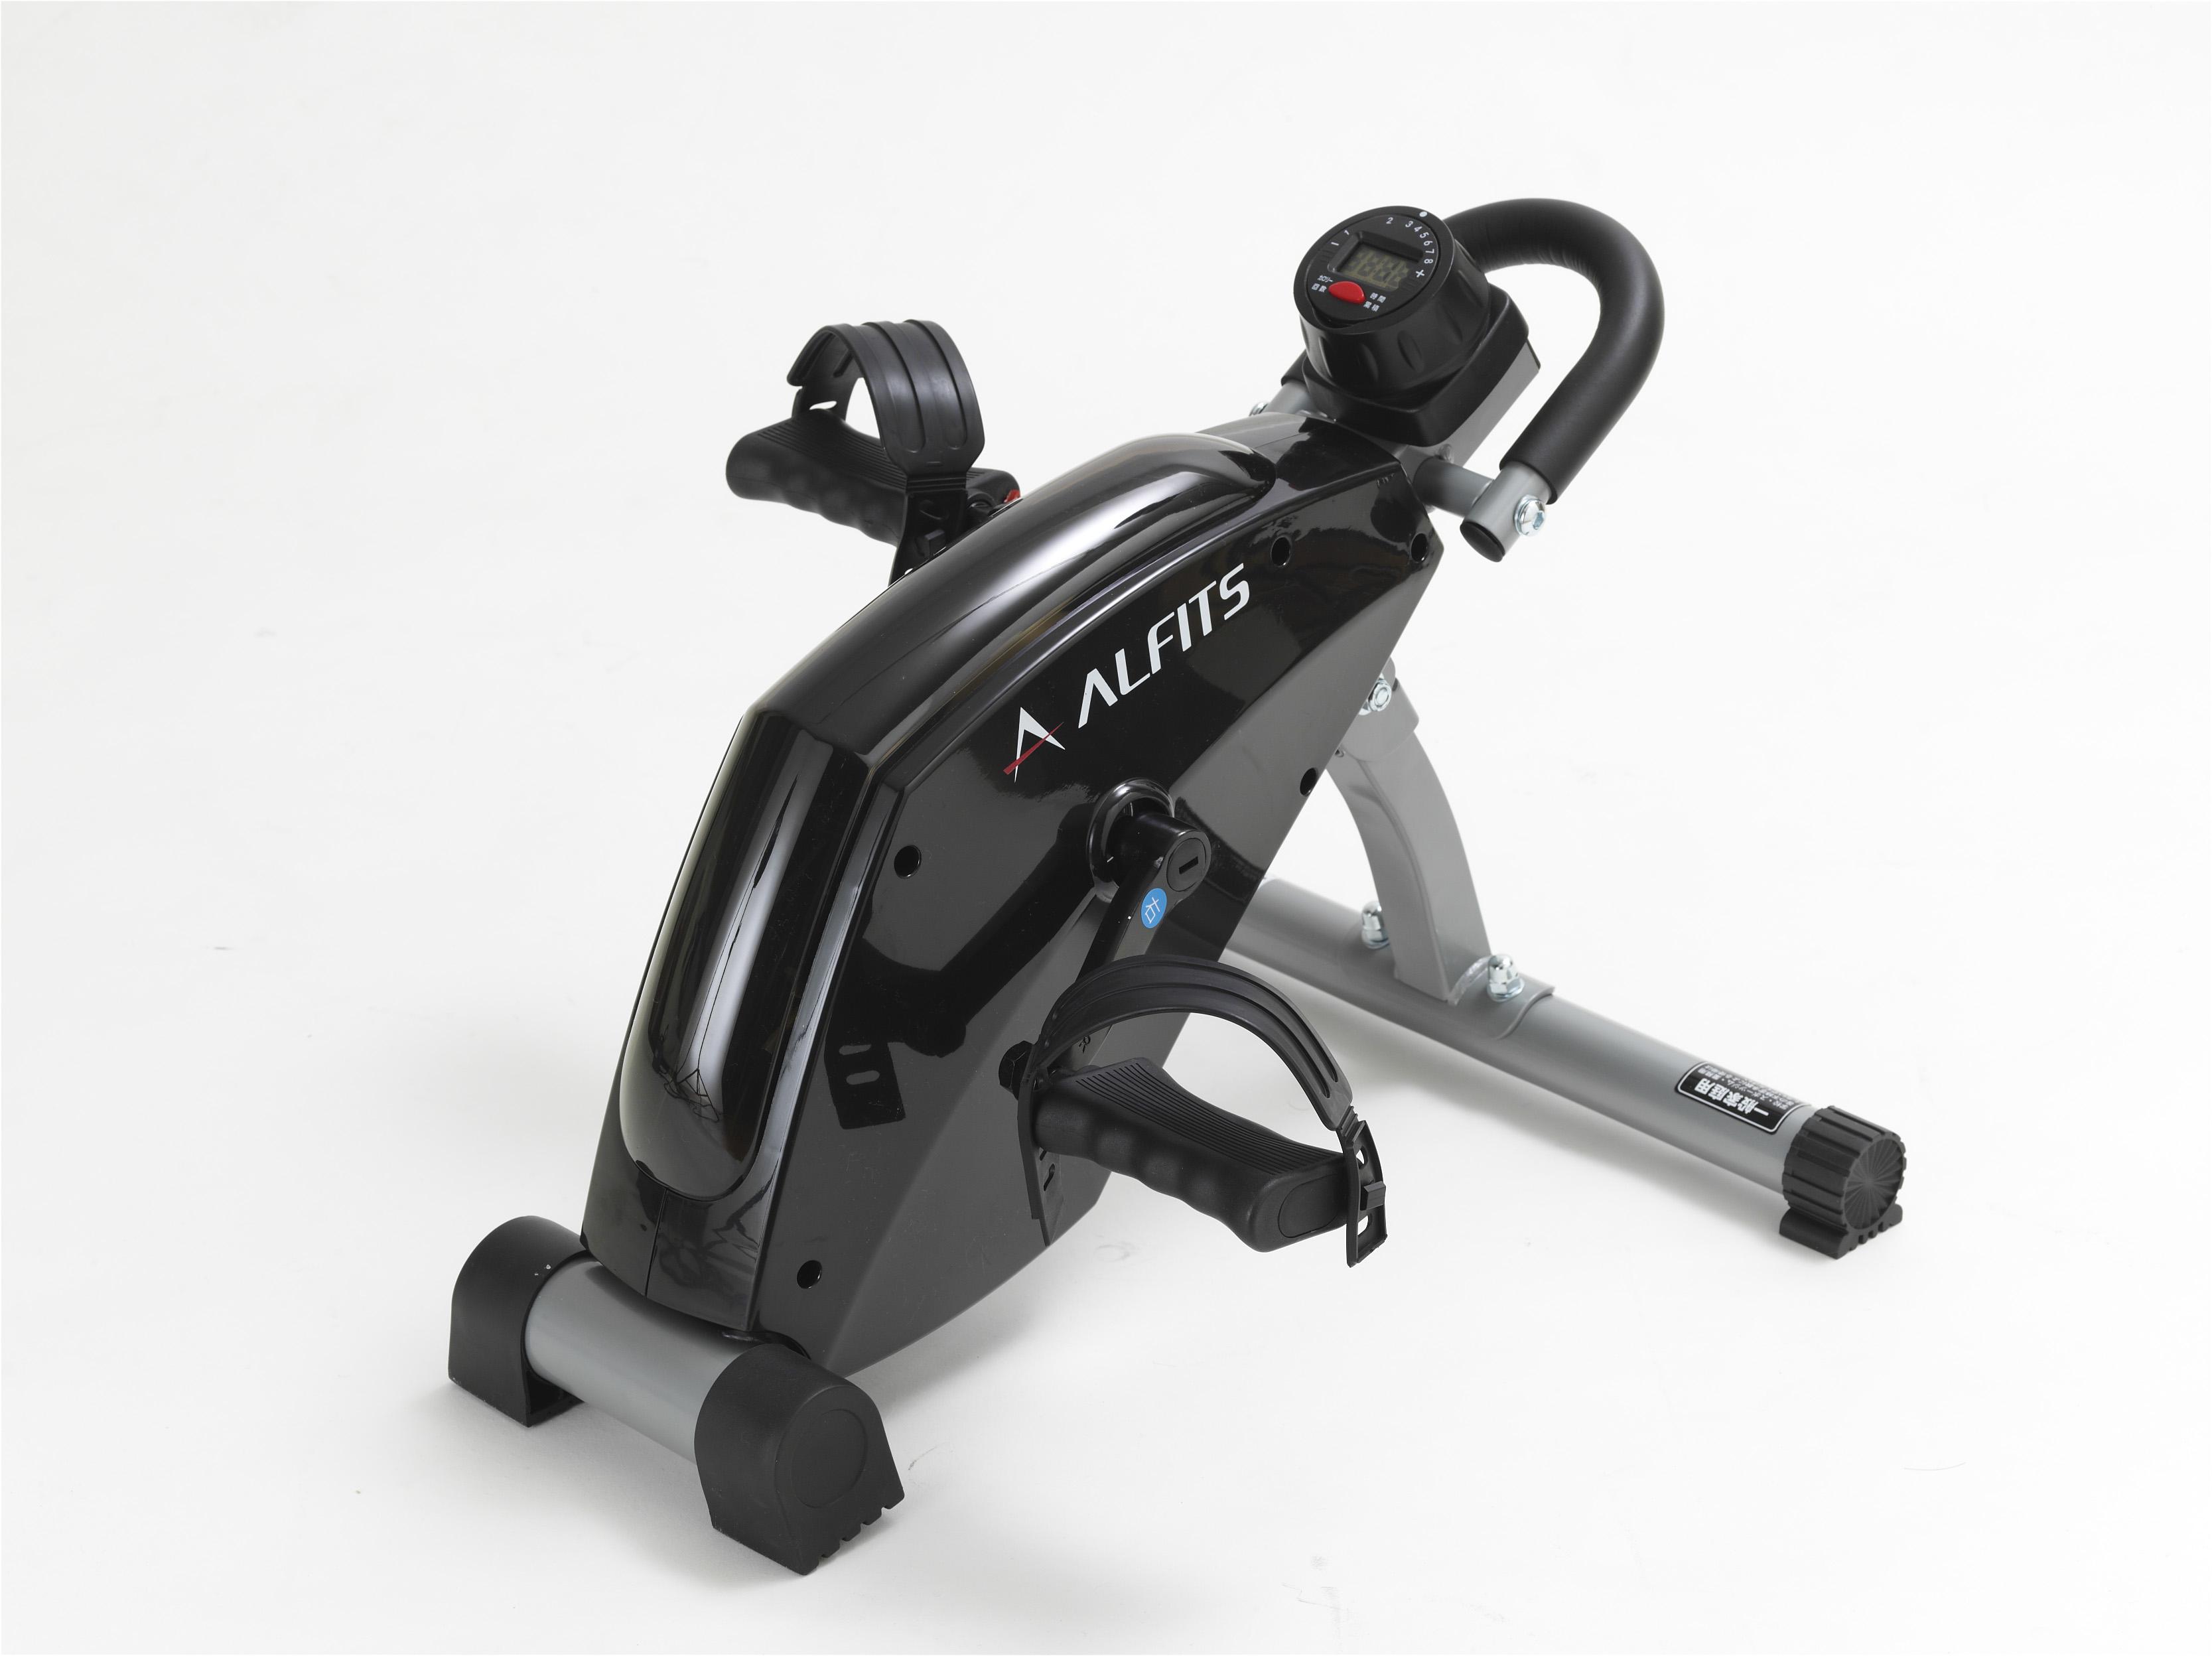 エアロマグネティックミニバイク2119(ブラック)